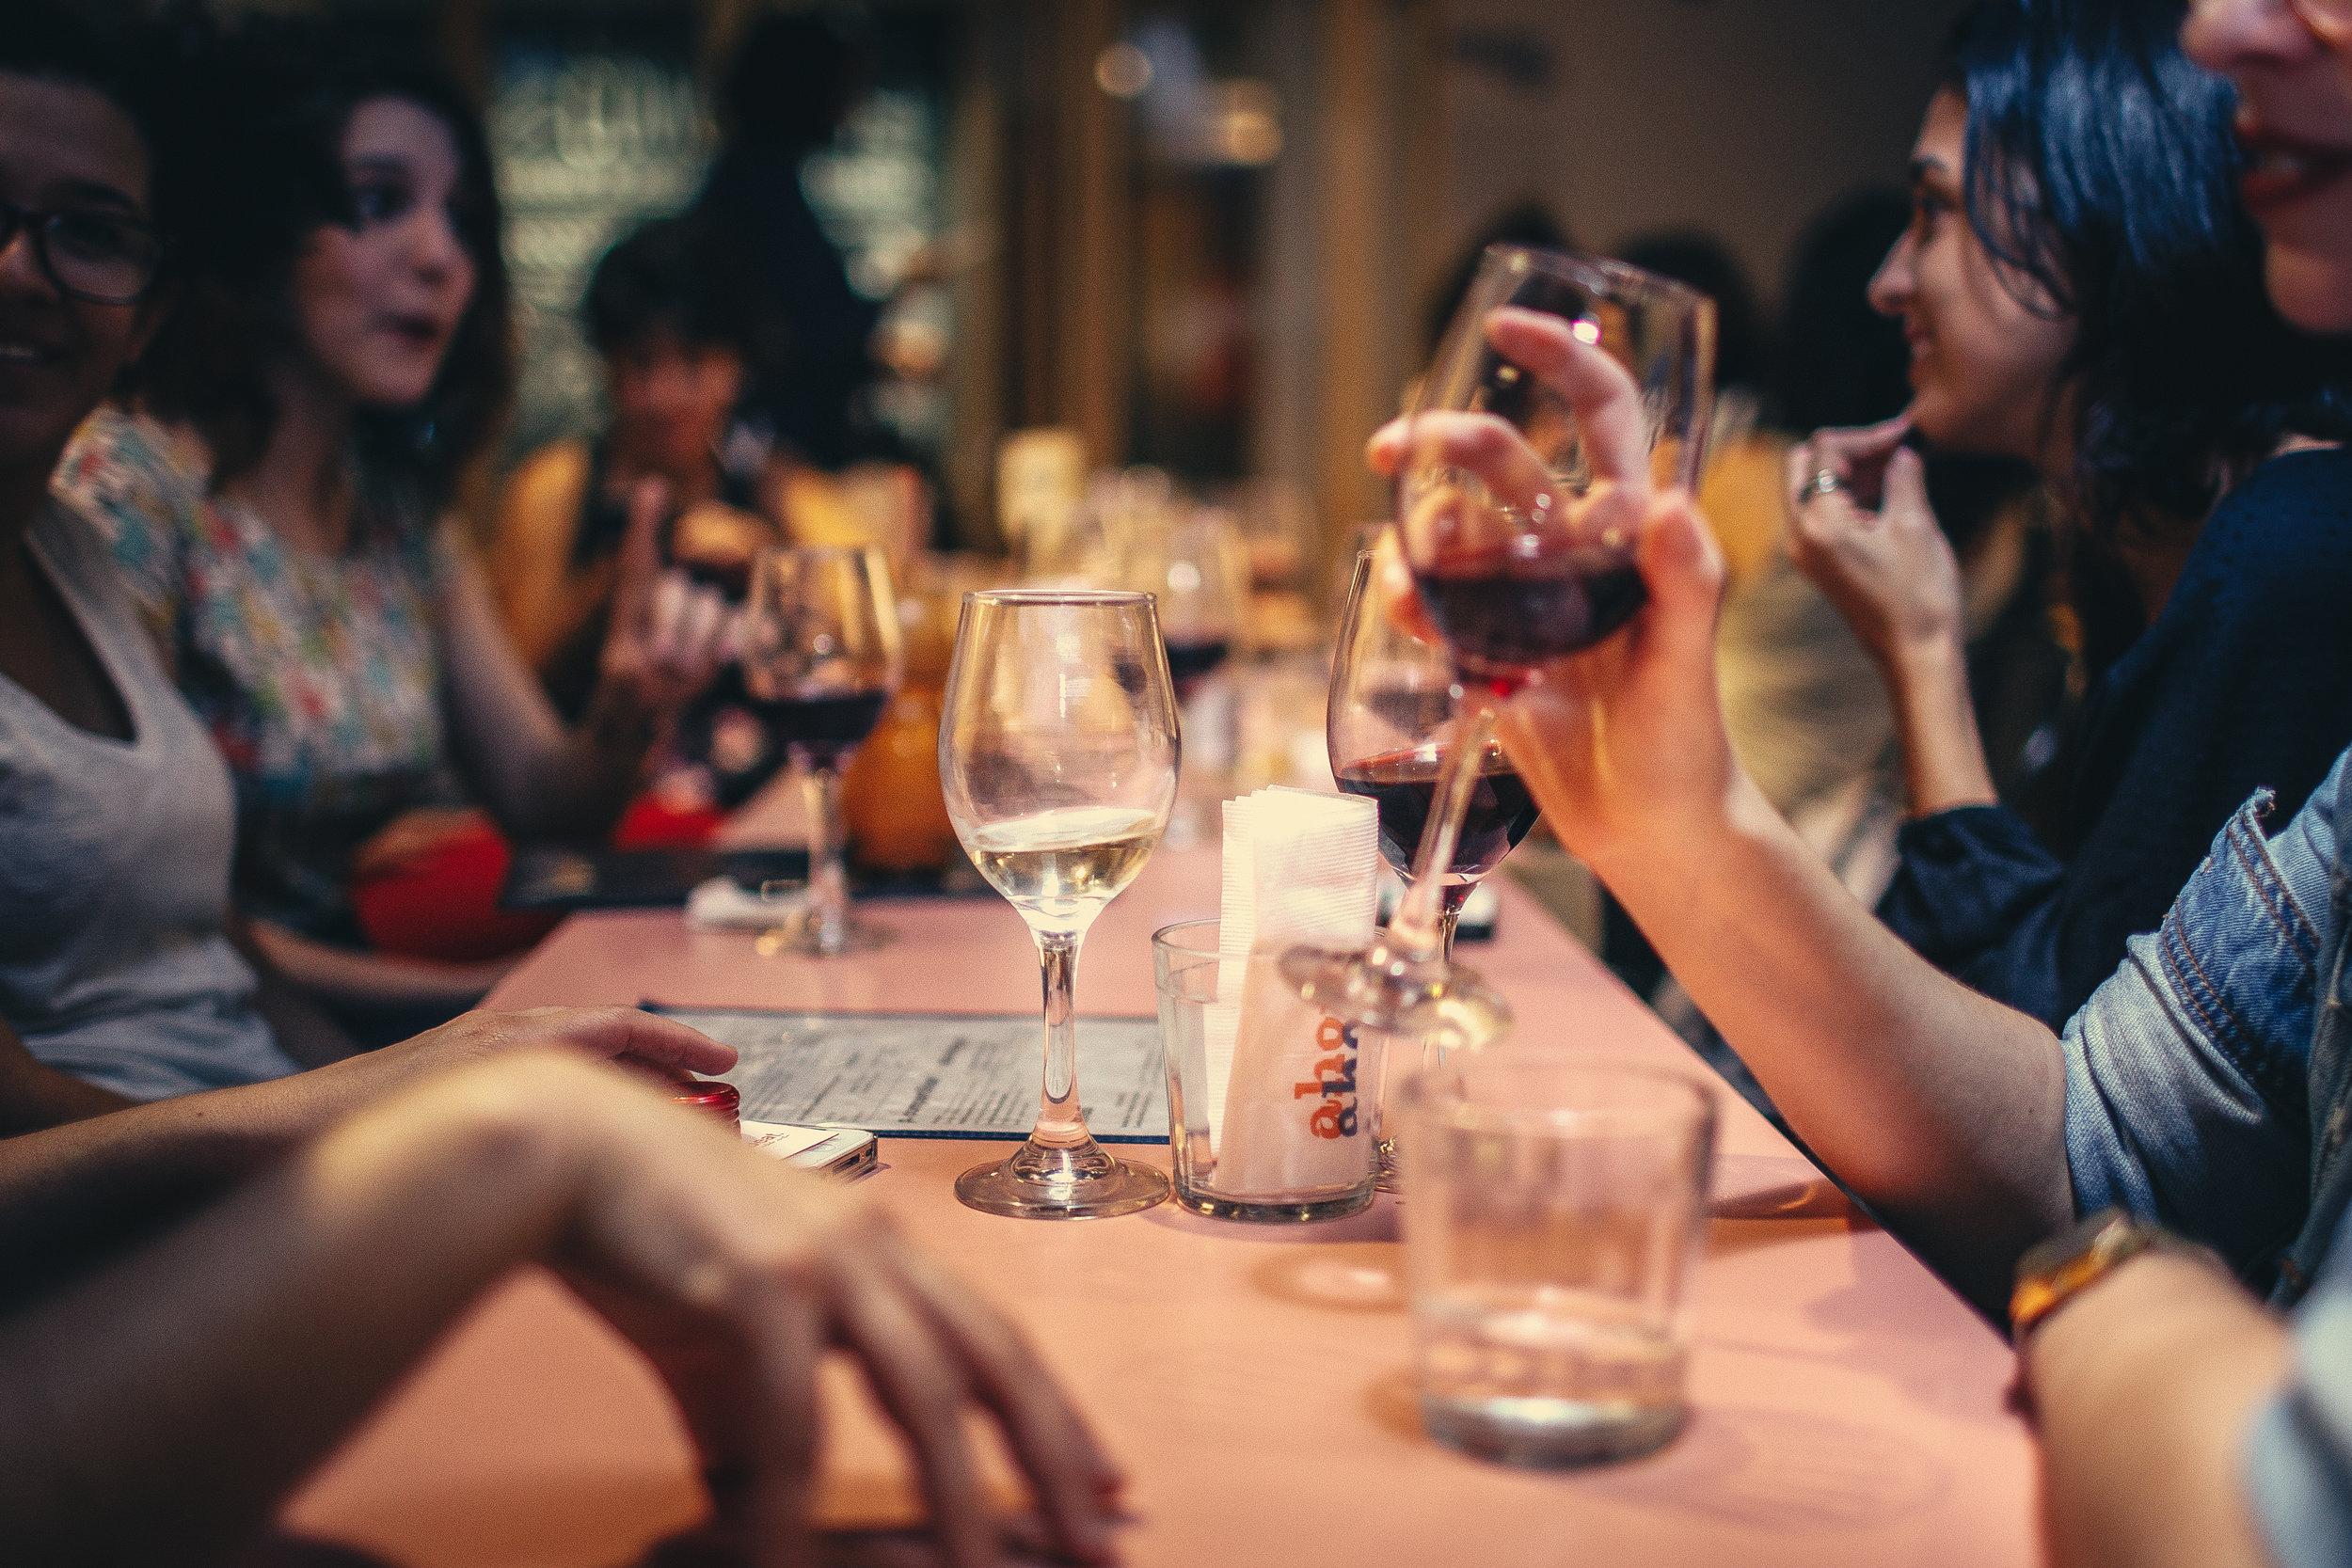 wine dinner table people fun.jpeg